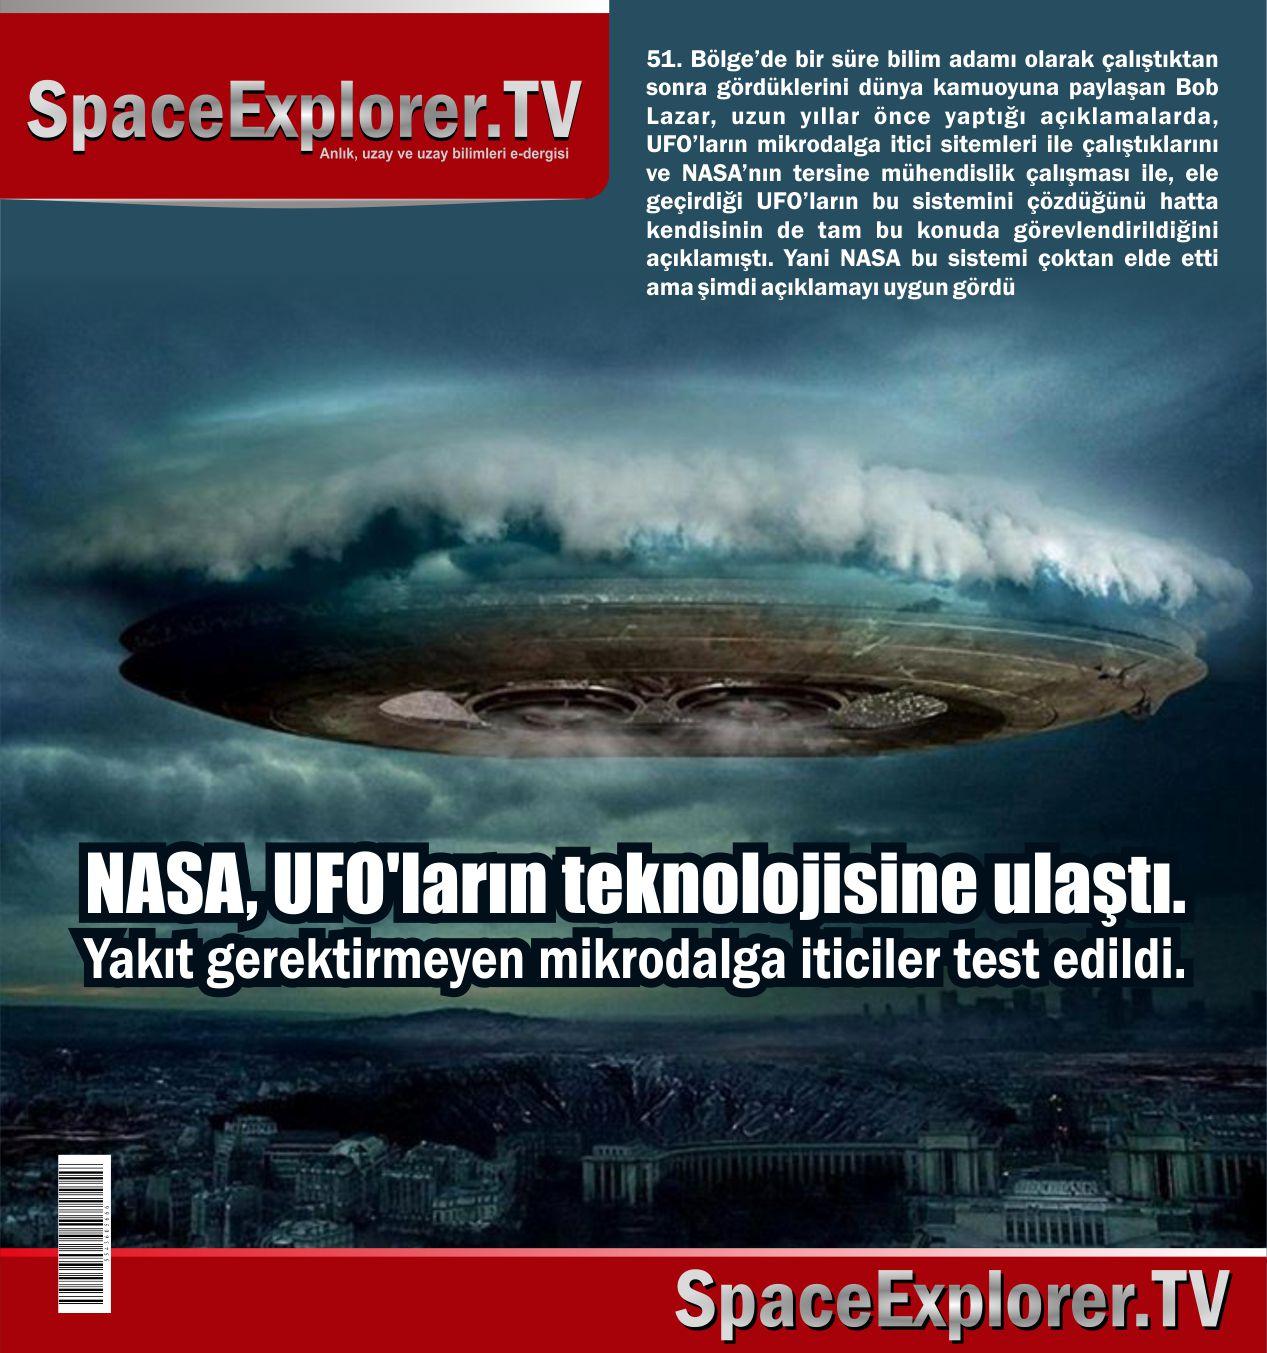 51. Bölge, Bob Lazar, NASA, NASA neden gizliyor, NASA astronotlarının itirafları, Kuantum fiziği, Mikrodalga iticiler, Uzayda hayat var mı?, UFO, Işık hızı, Işıktan hızlı yolculuk, Space Explorer,